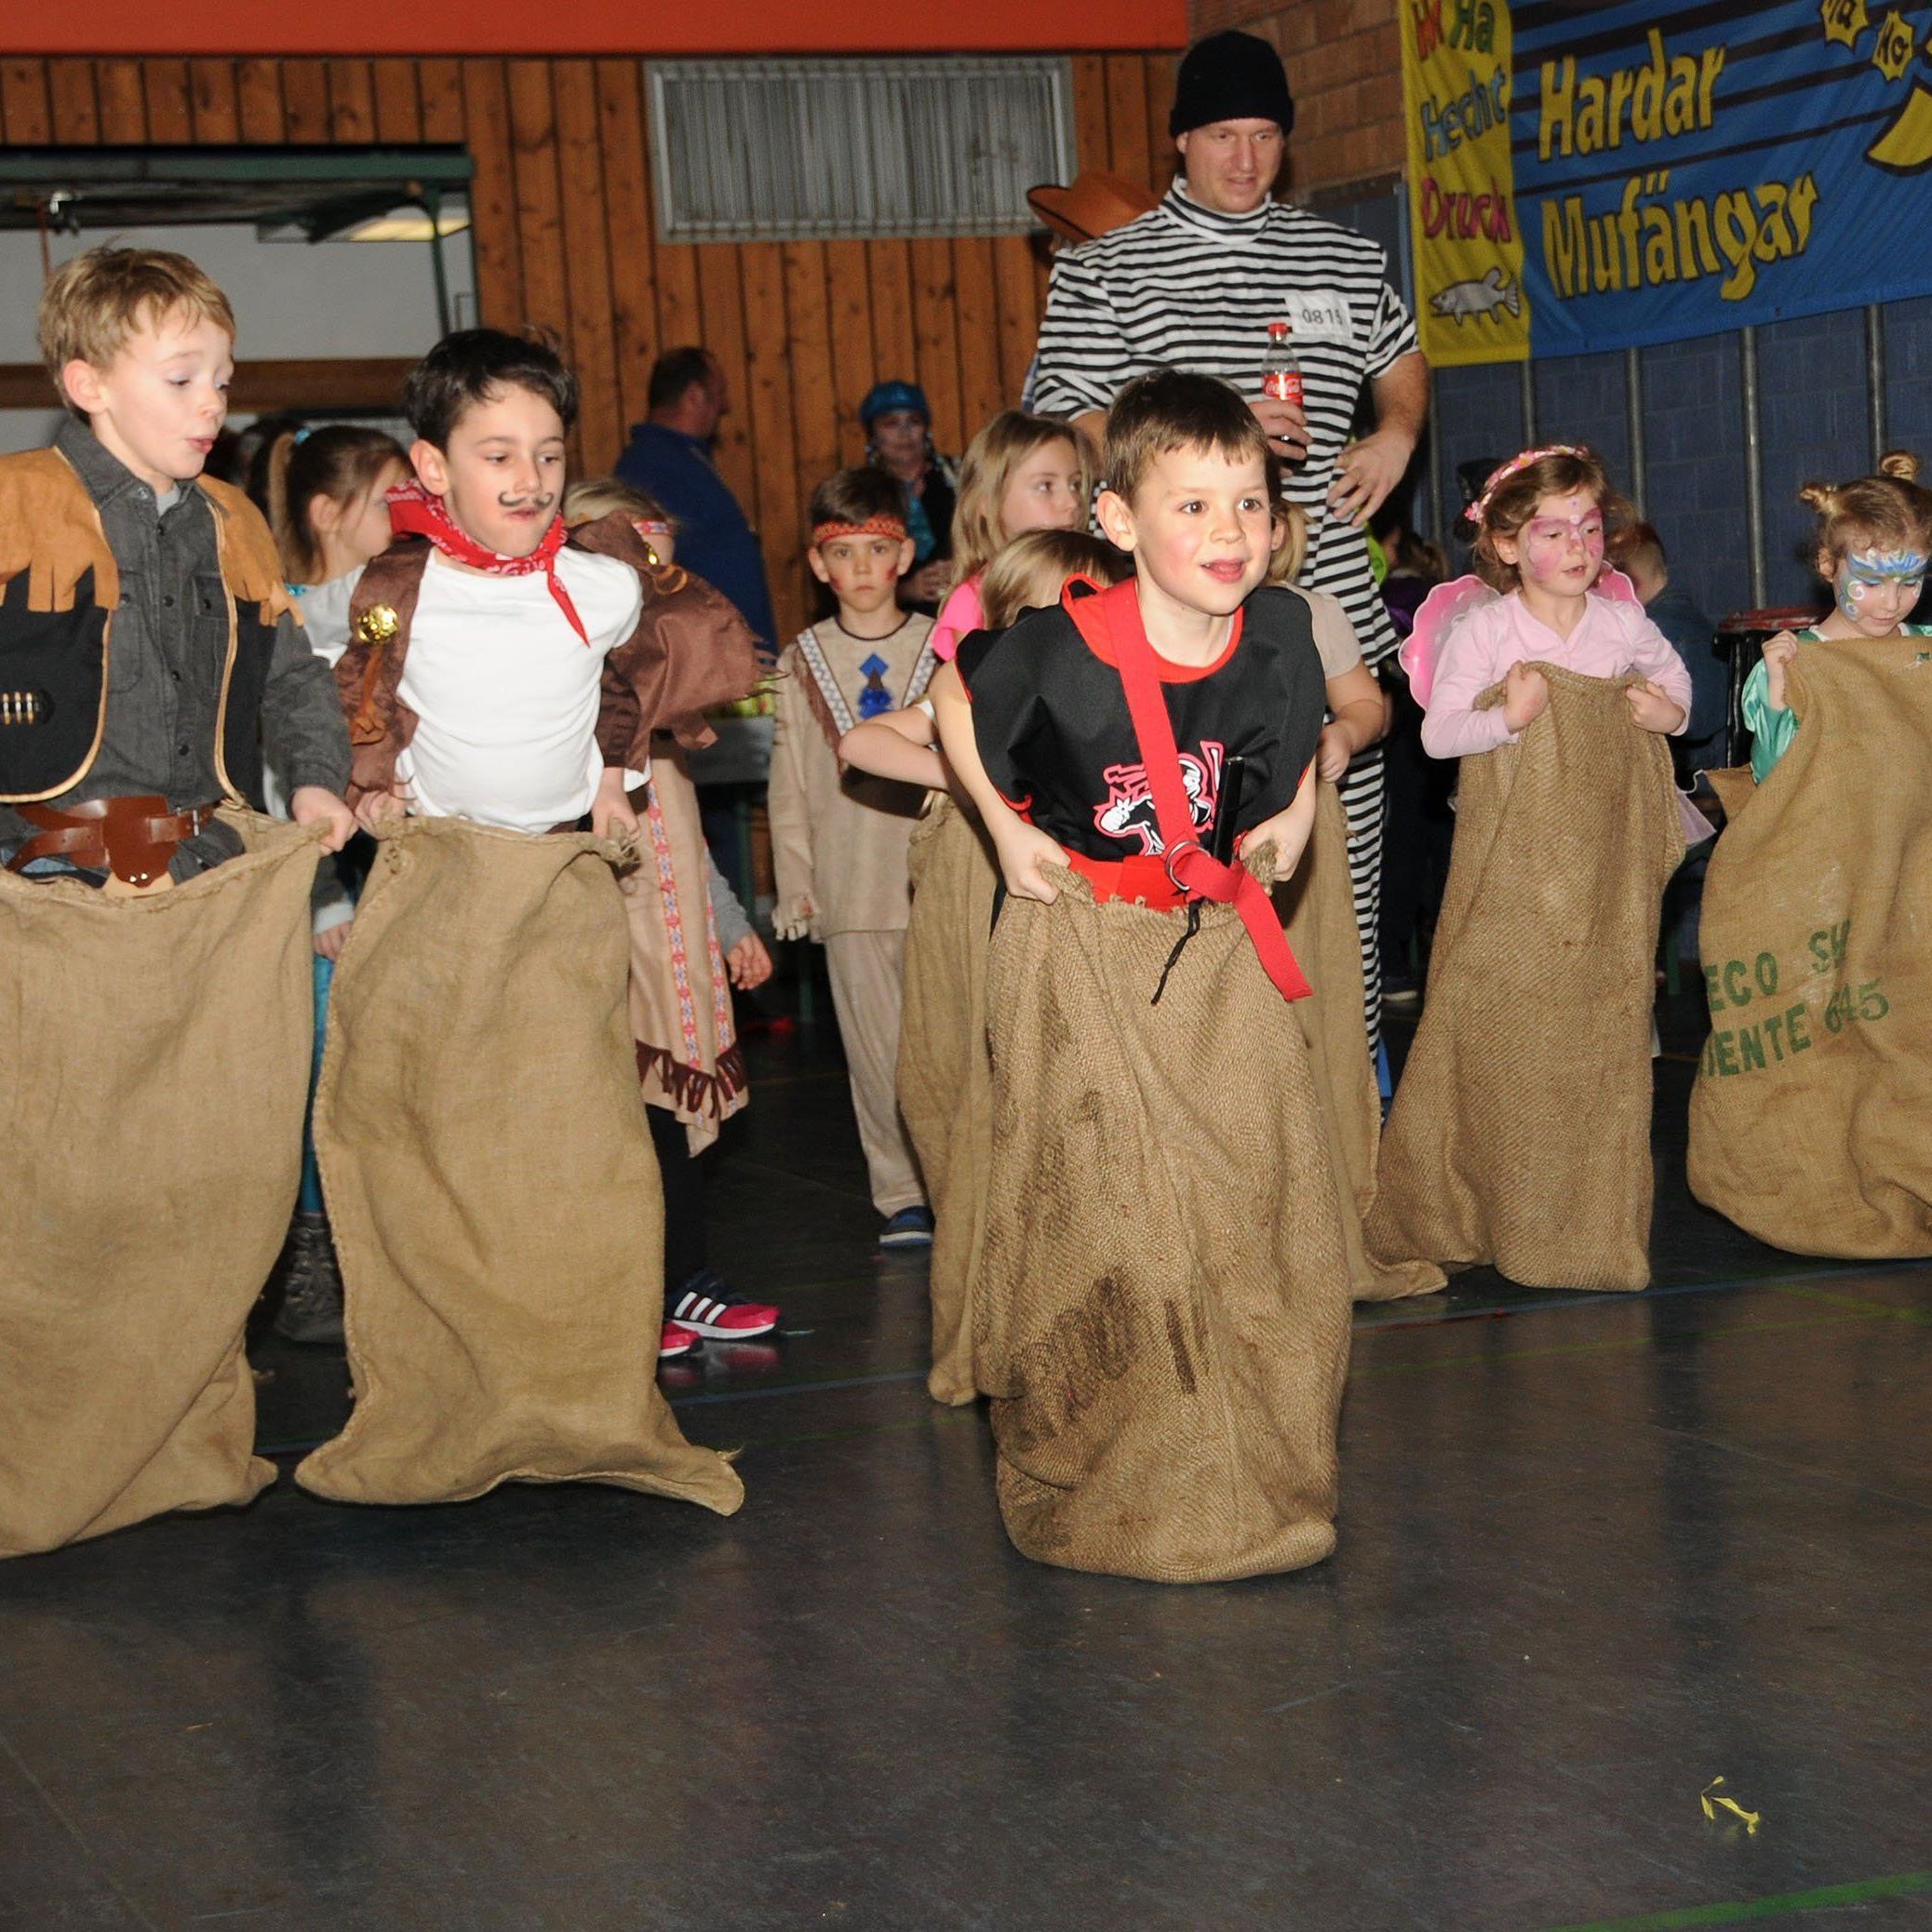 Viel Spaß beim Sackhüpf-Bewerb, den die Hardar Mufängar zum Kinderball 20127 durchführten.